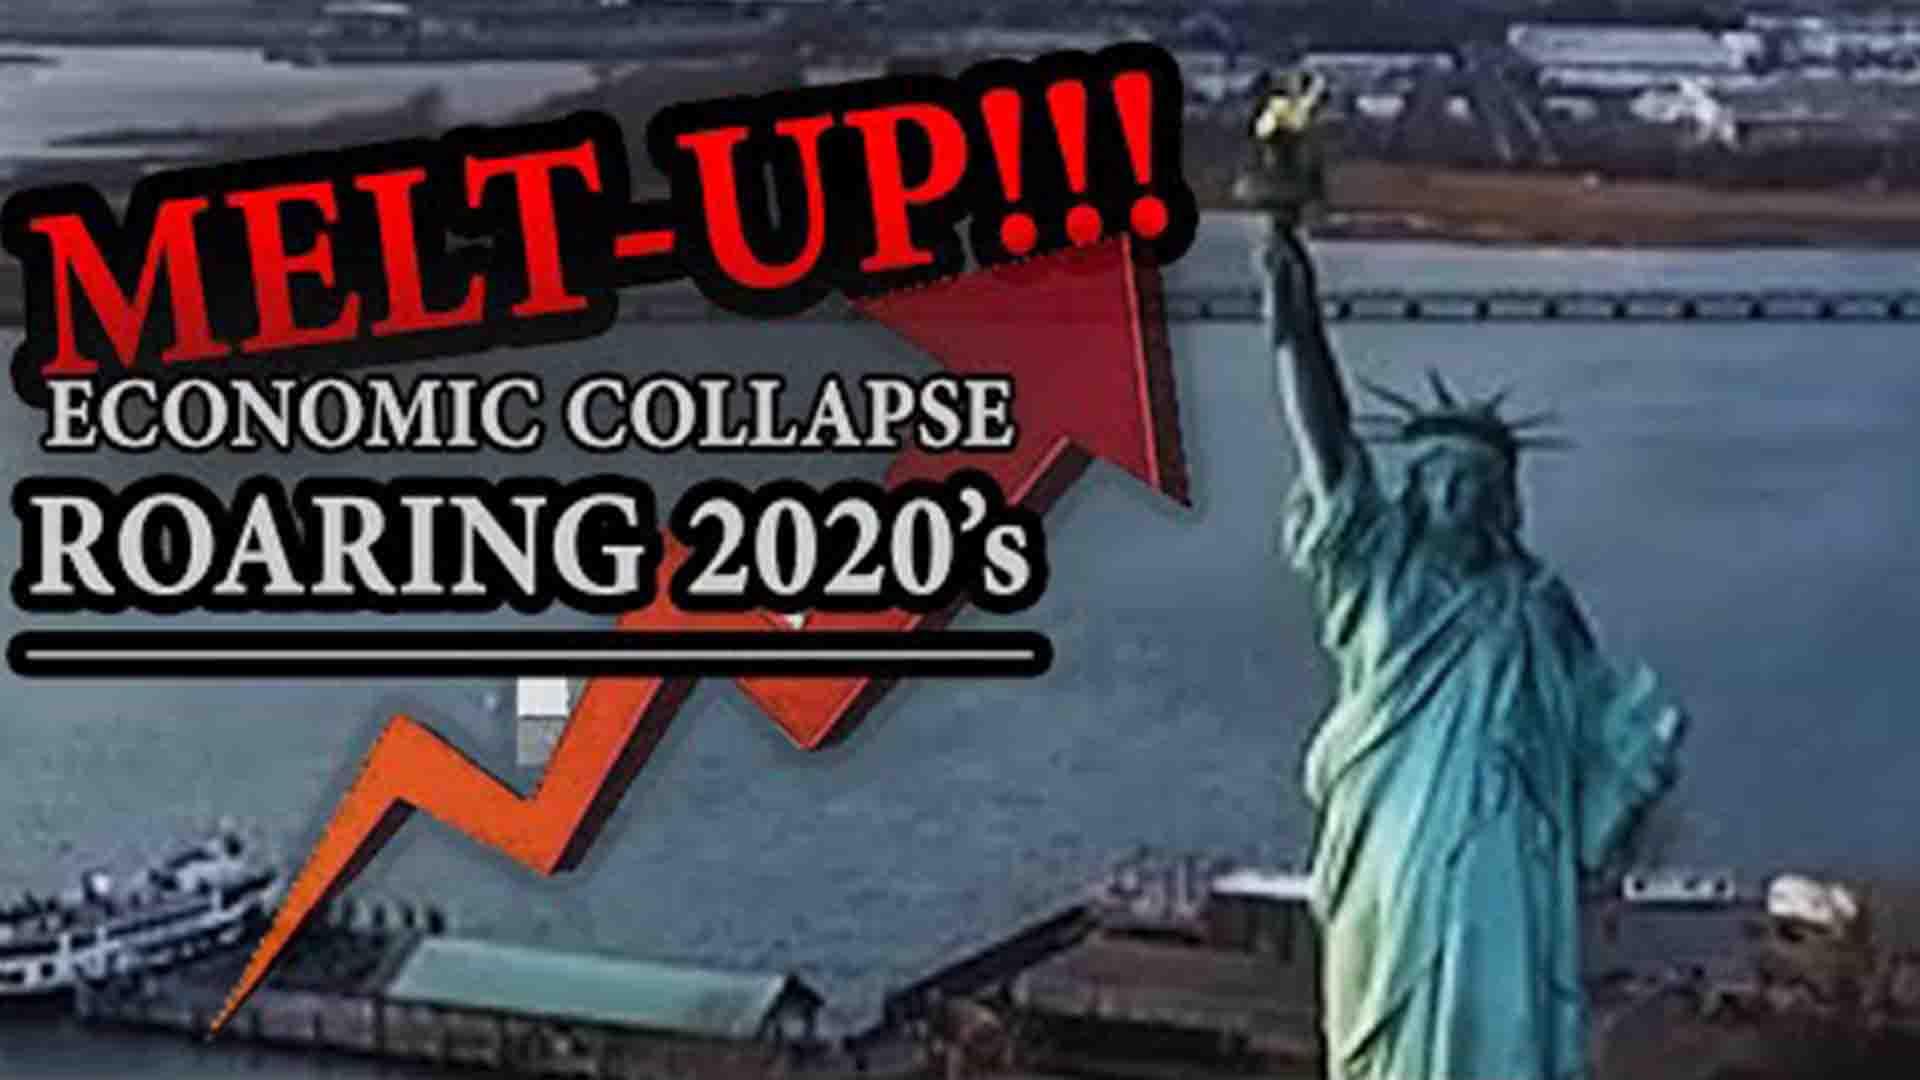 Melt Up Roaring 2020 S Economic Collapse Amtv 2020 174